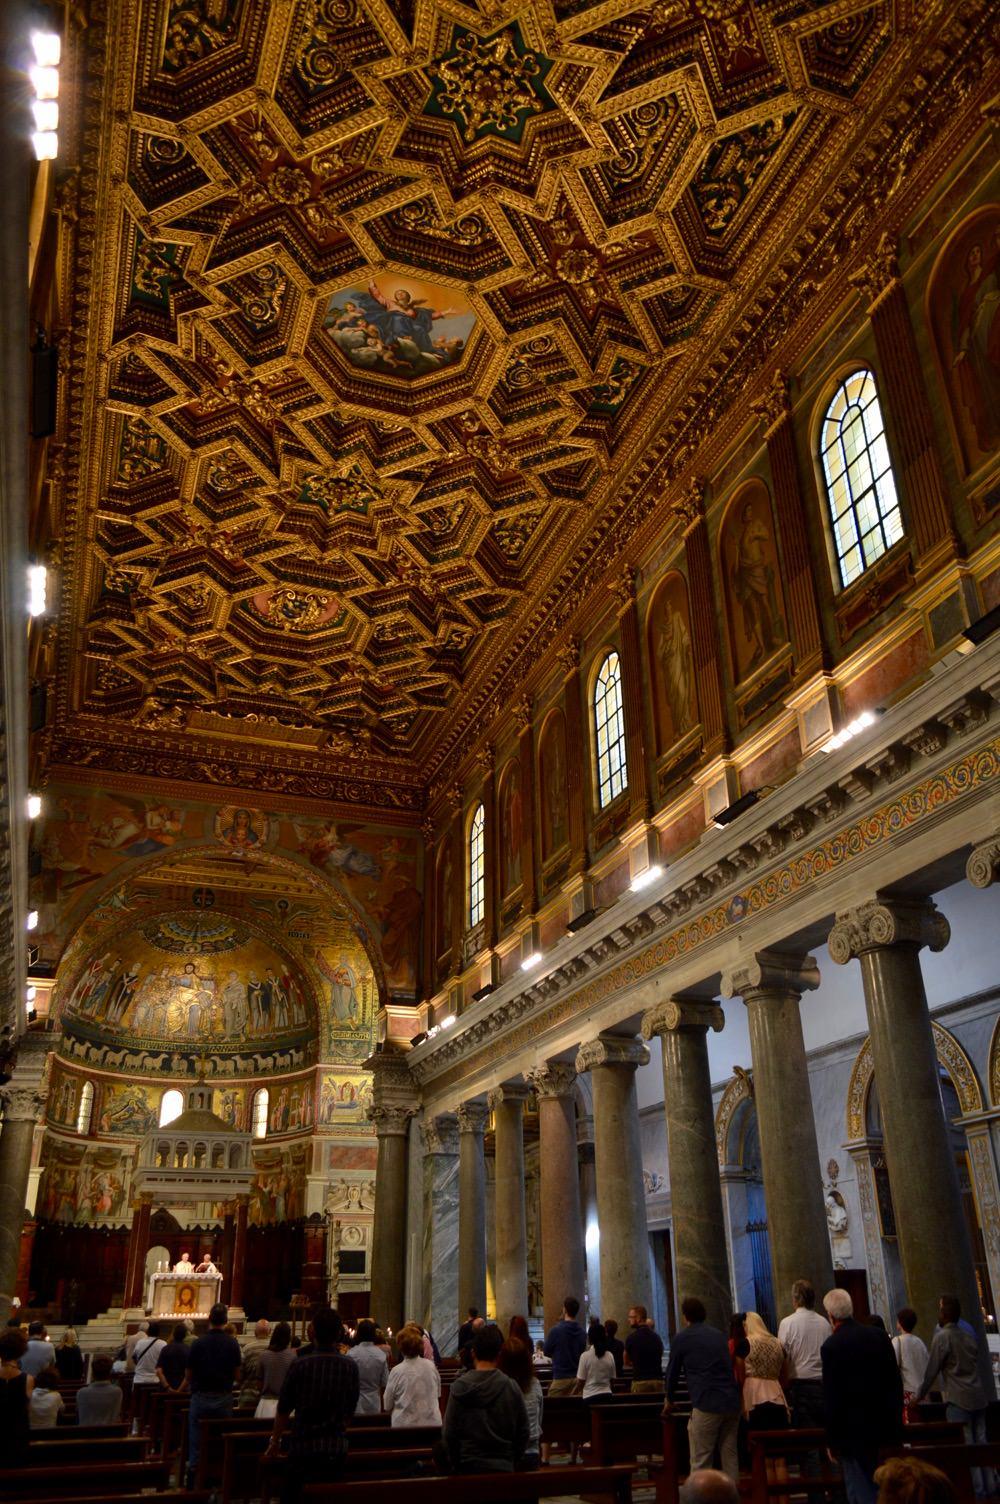 Biserica Santa Maria in Trastevere